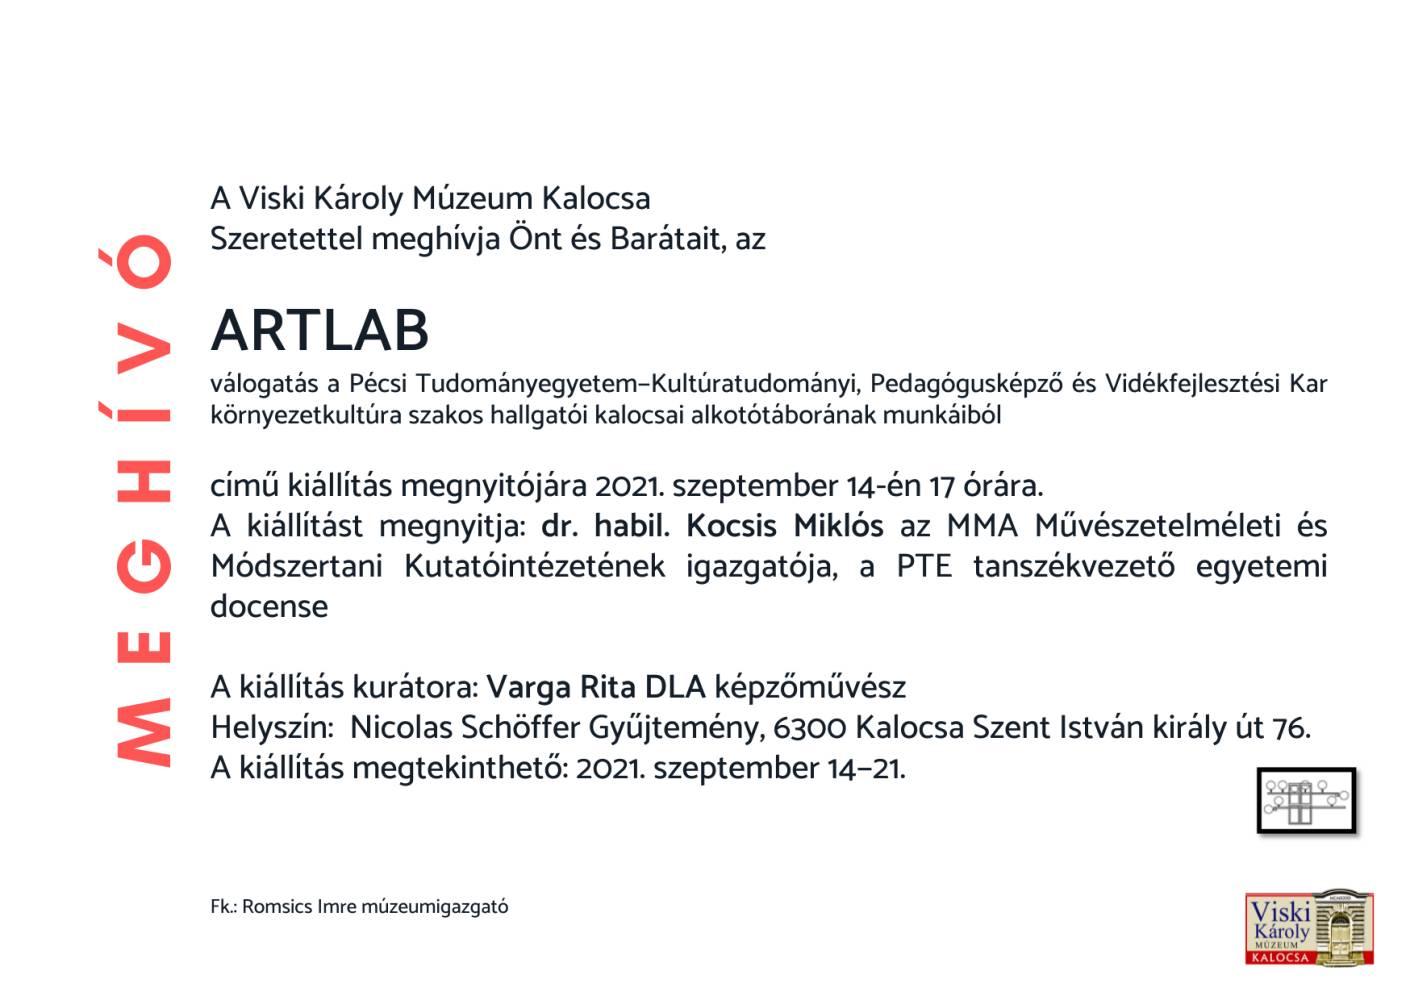 A Viski Károly Múzeum Kalocsa Szeretettel meghívja Önt és Barátait, az ARTLAB válogatás a Pécsi Tudományegyetem−Kultúratudományi, Pedagógusképző és Vidékfejlesztési Kar környezetkultúra szakos hallgatói kalocsai alkotótáborának munkáiból című kiállítás megnyitójára 2021. szeptember 14-én 17 órára.  A kiállítást megnyitja: dr. habil. Kocsis Miklós az MMA Művészetelméleti és Módszertani Kutatóintézetének igazgatója, a PTE tanszékvezető egyetemidocense A kiállítás kurátora: Varga Rita DLA képzőművész  Helyszín: Nicolas Schöffer Gyűjtemény, 6300 Kalocsa Szent István király út 76. A kiállítás megtekinthető: 2021. szeptember 14−21.